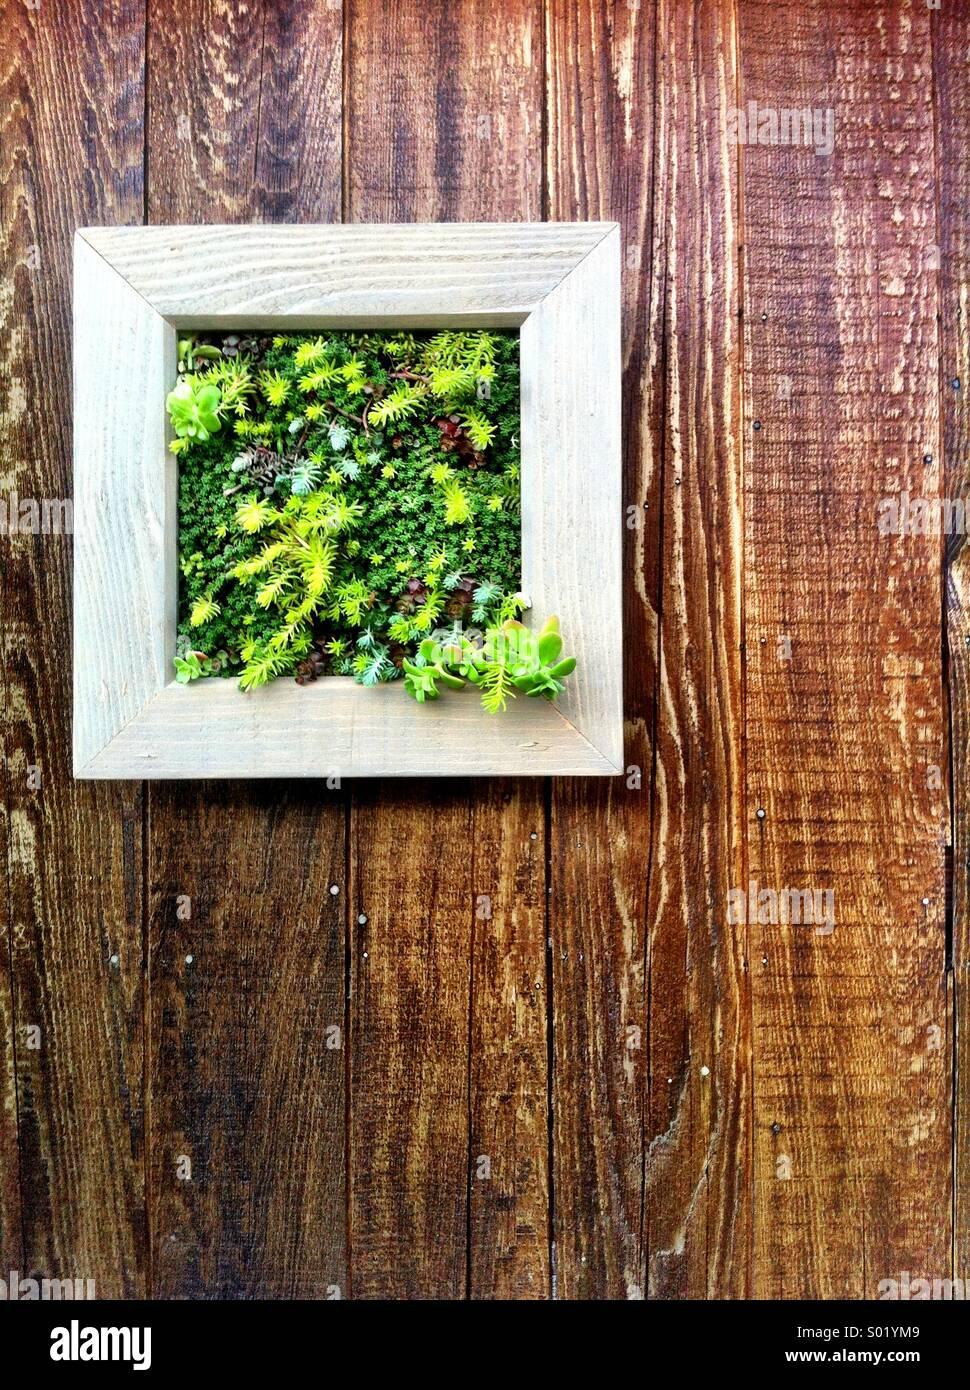 Pflanzen wachsen von montierten Gartenplatz auf Holzwand Stockbild